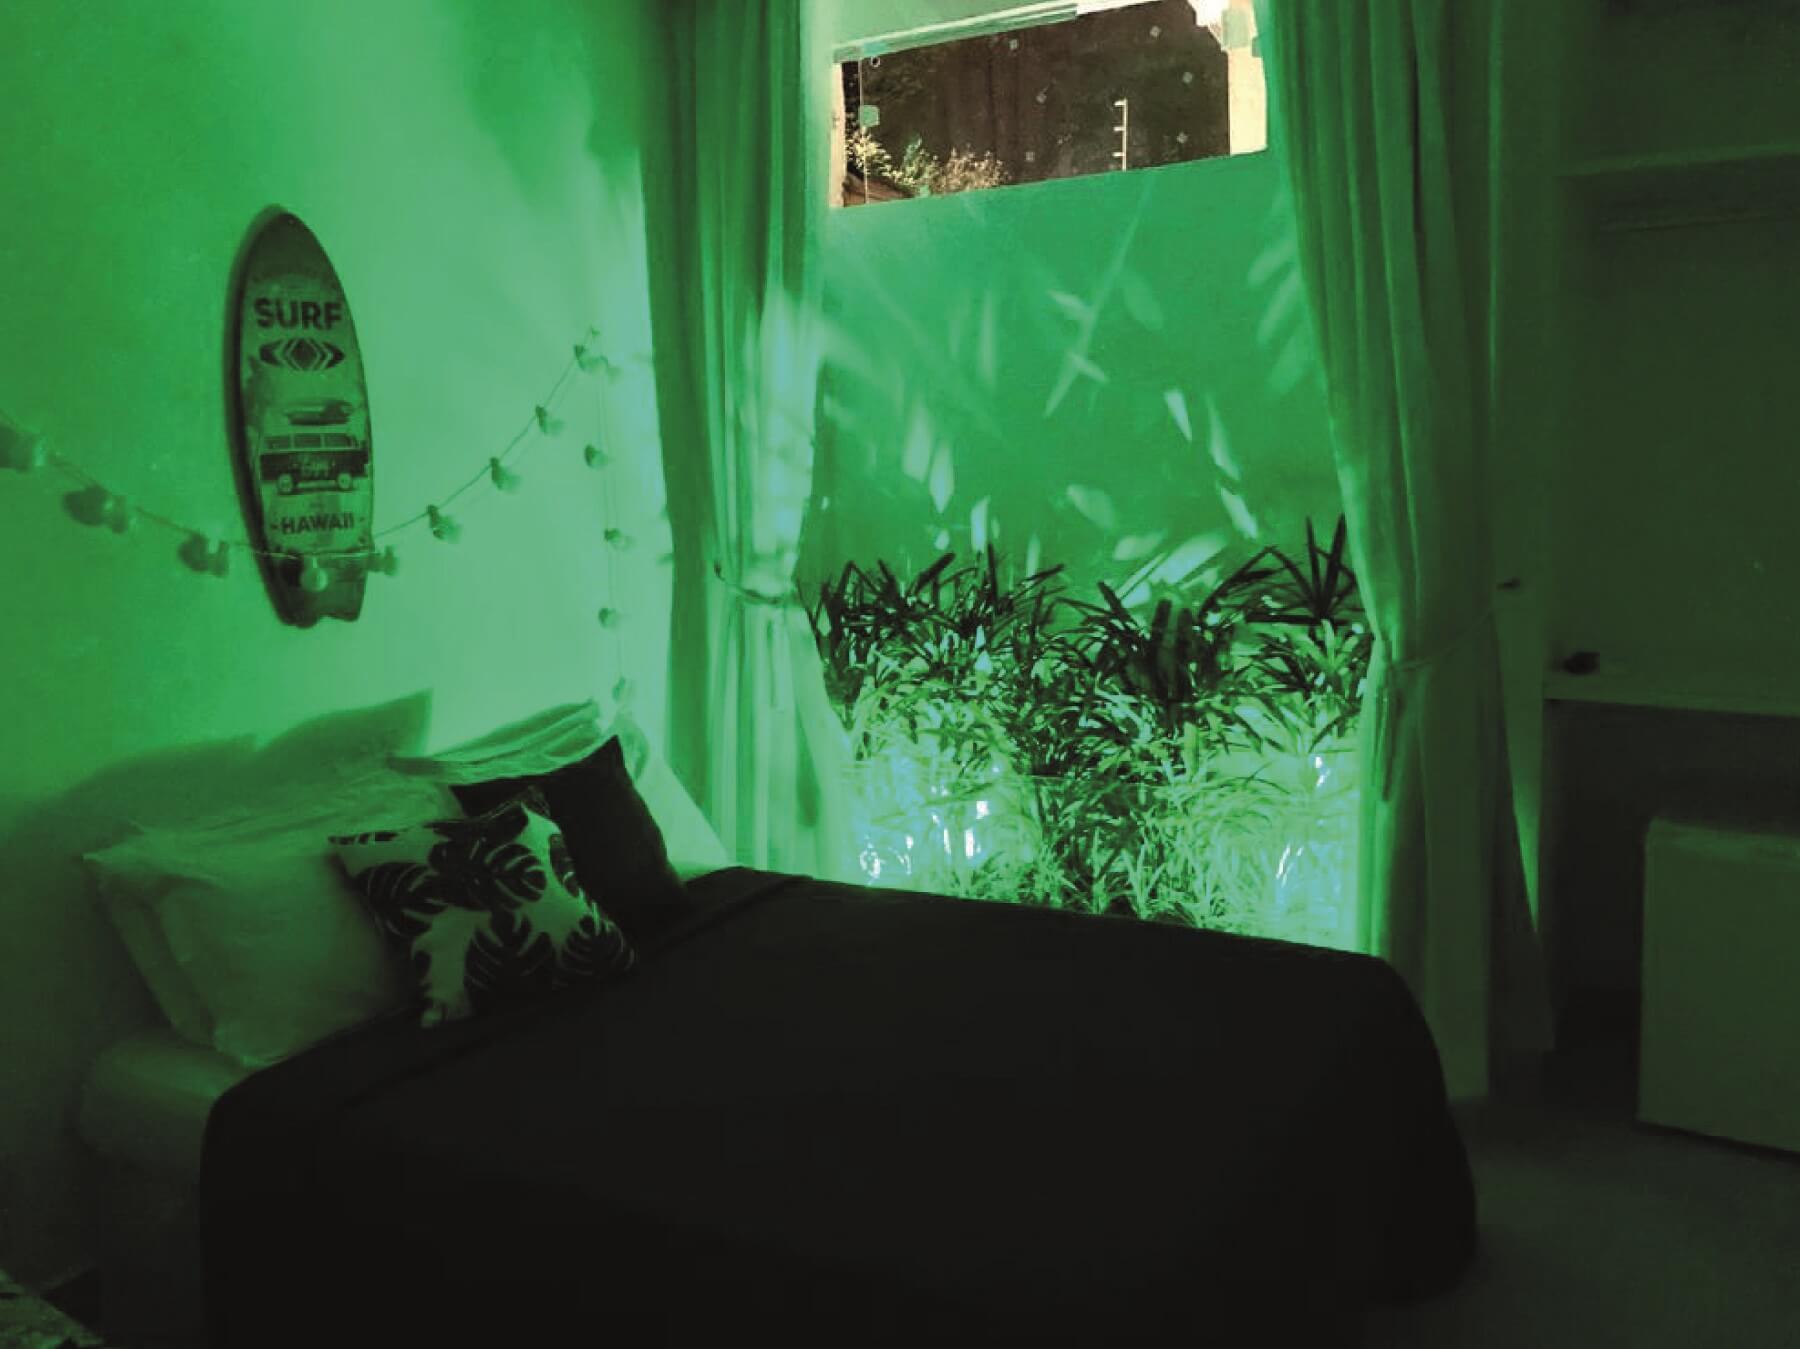 6 Suite • California_2